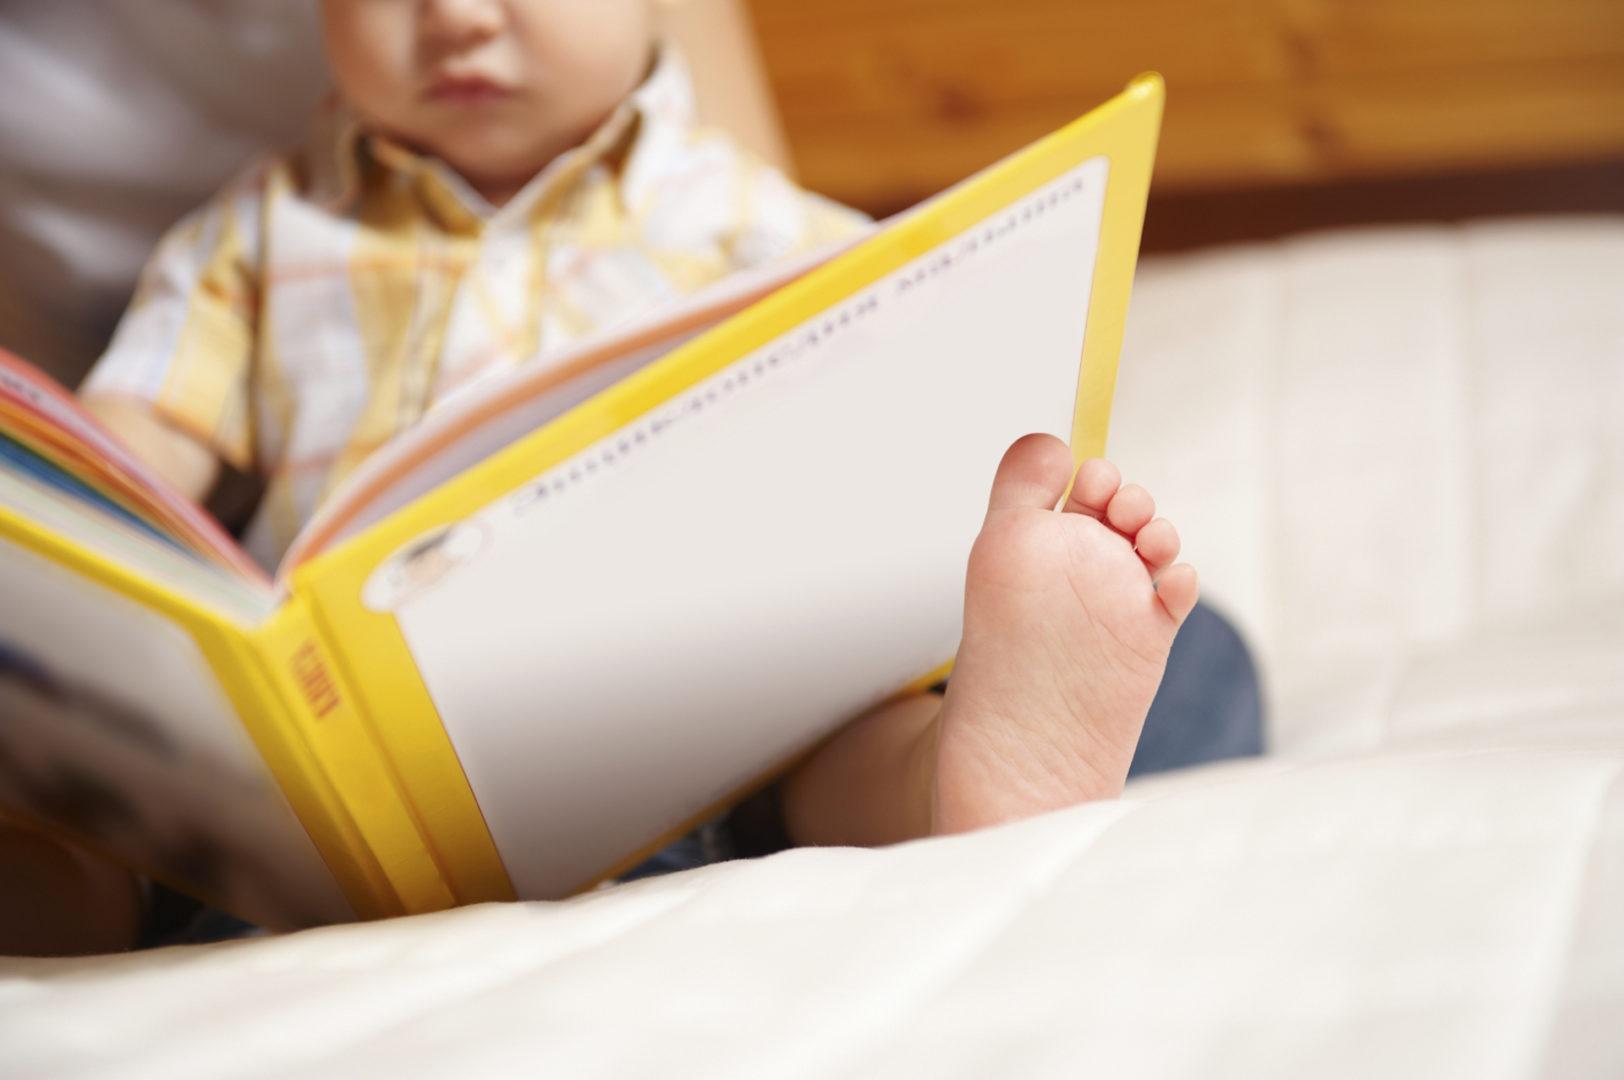 Primi Passi Verso la Lettura: i Benefici di un Buon Libro Già da Neonati